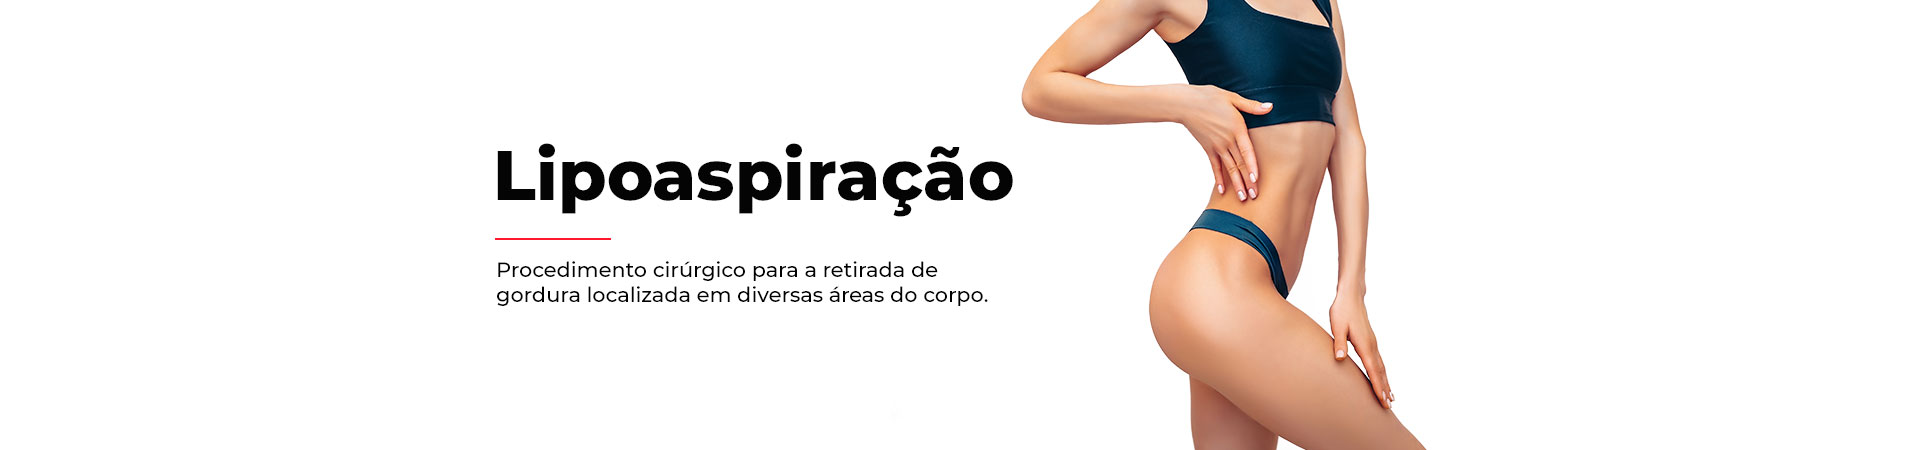 Lipoaspiração-3